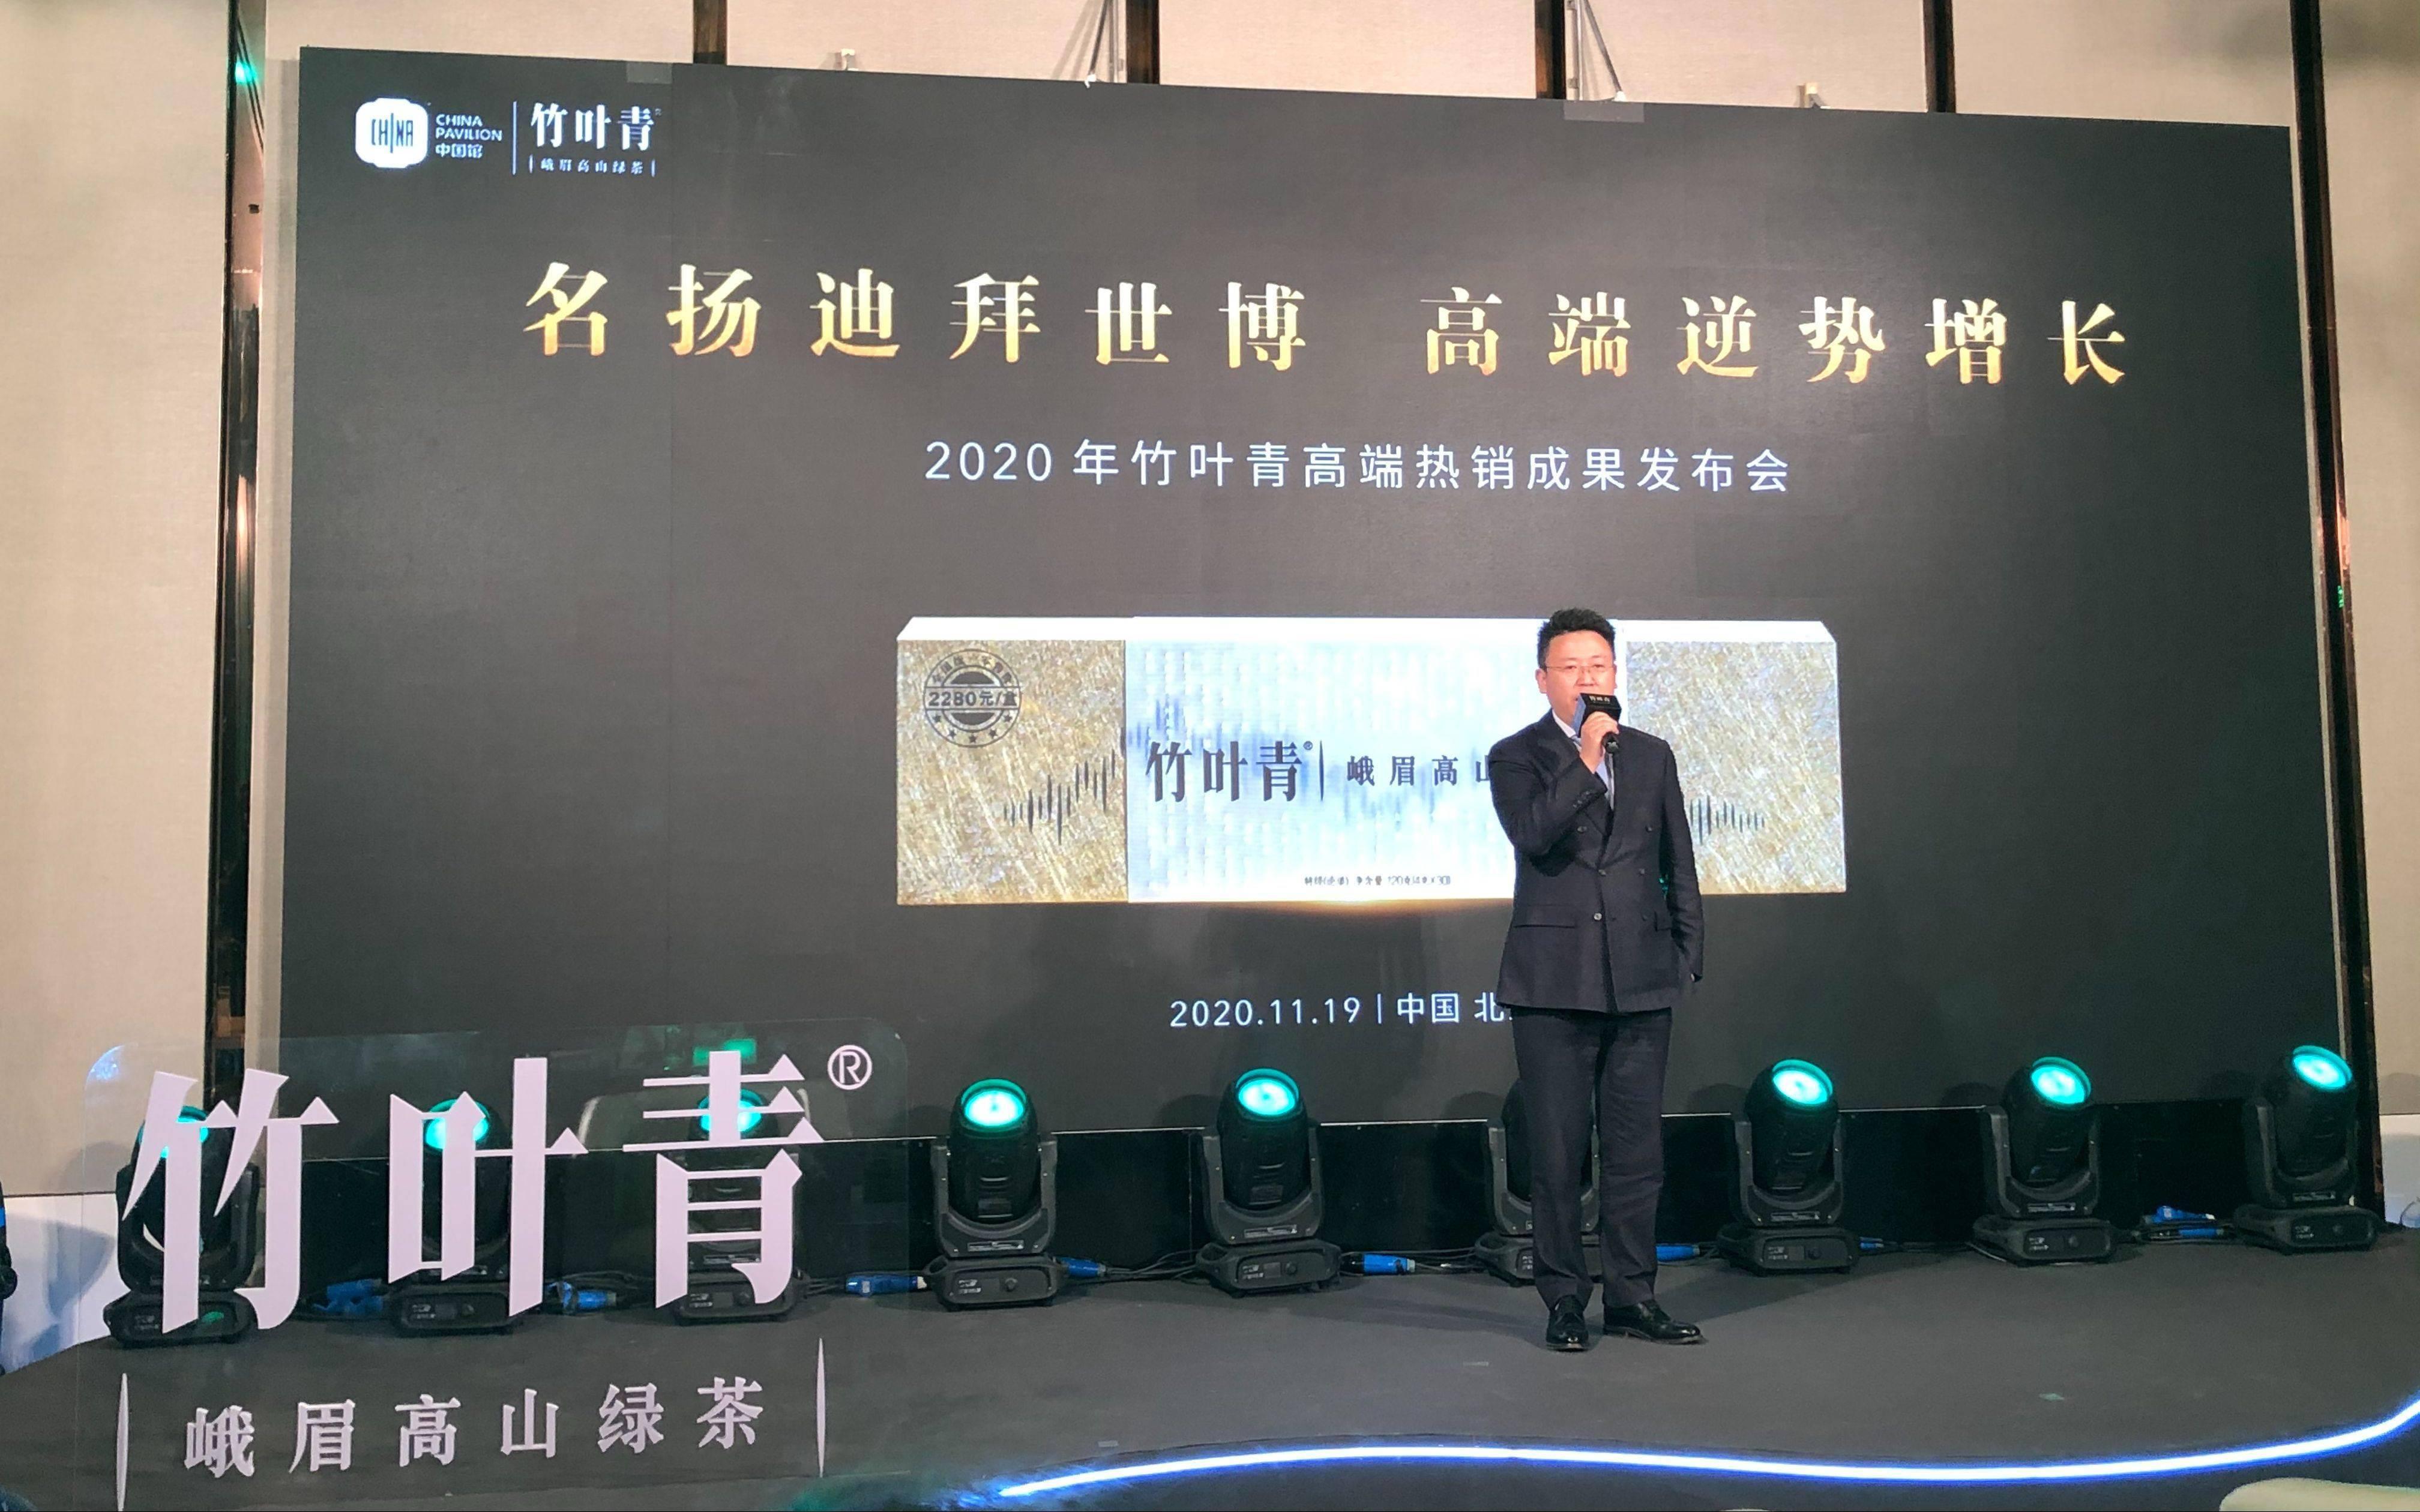 竹叶青发布高端战略成果,全国化布局覆盖25省市